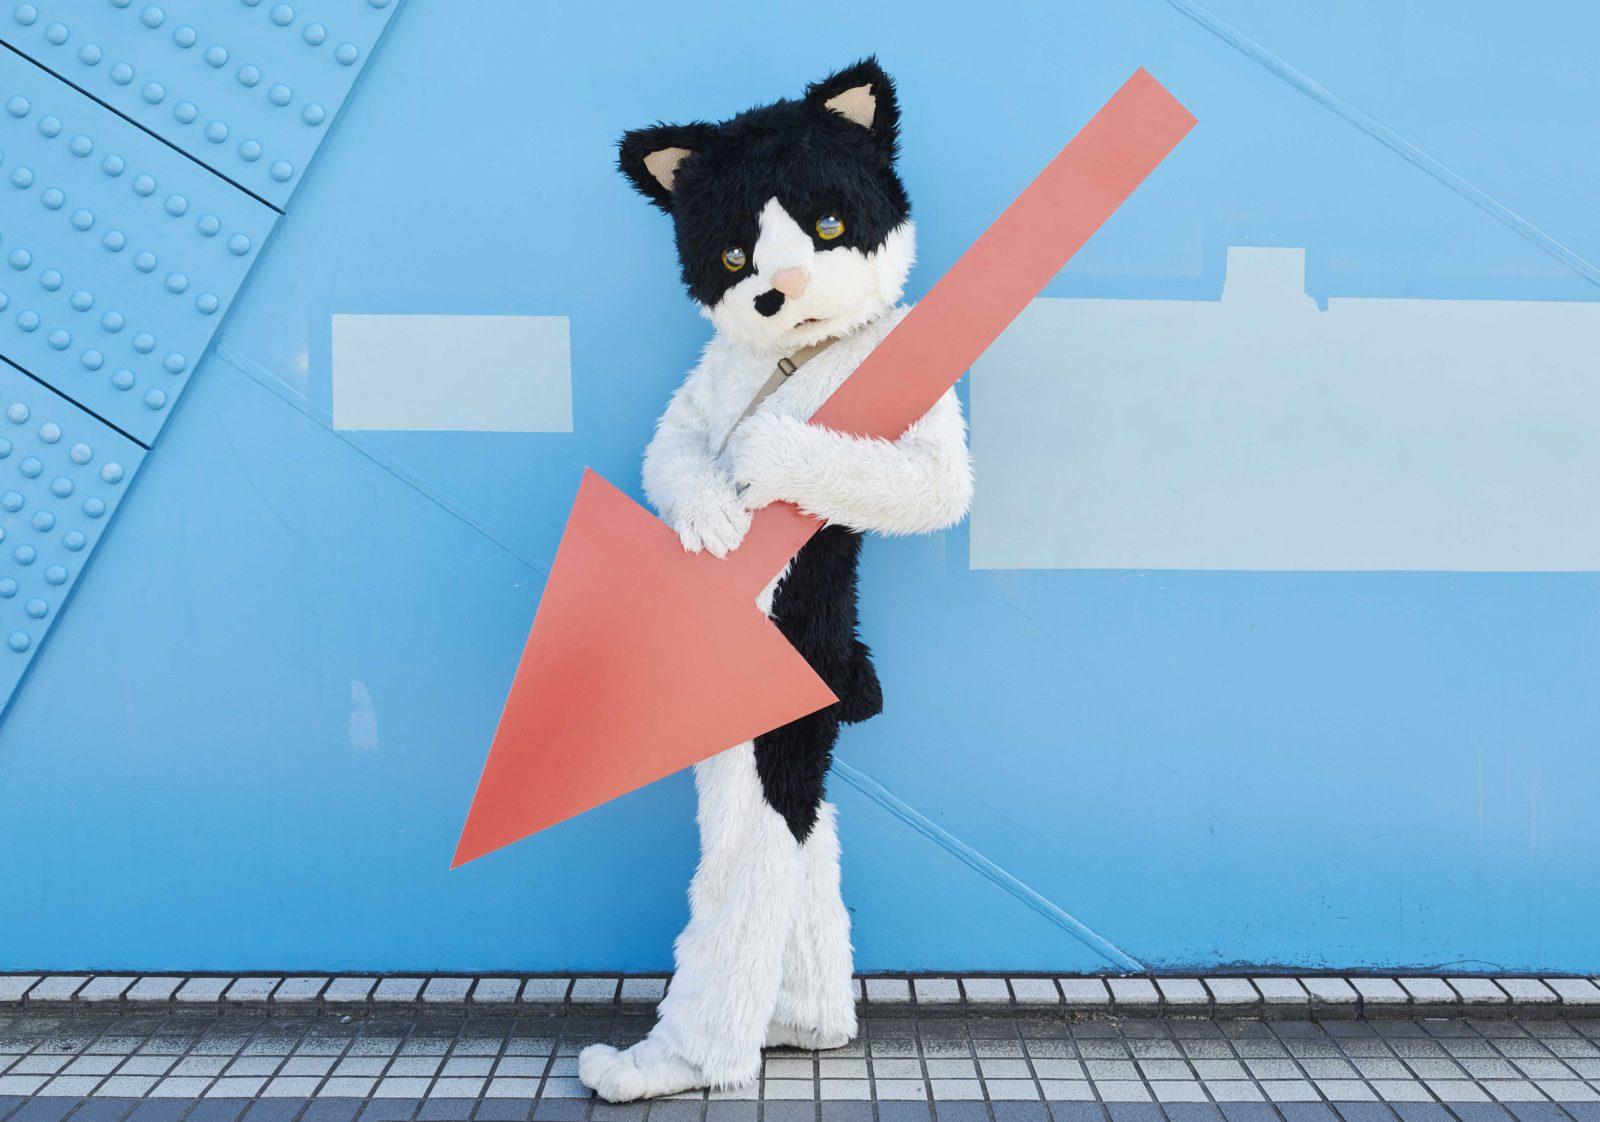 猫のミュージシャンむぎ(猫)、 メジャー1st EP発売を発表サムネイル画像